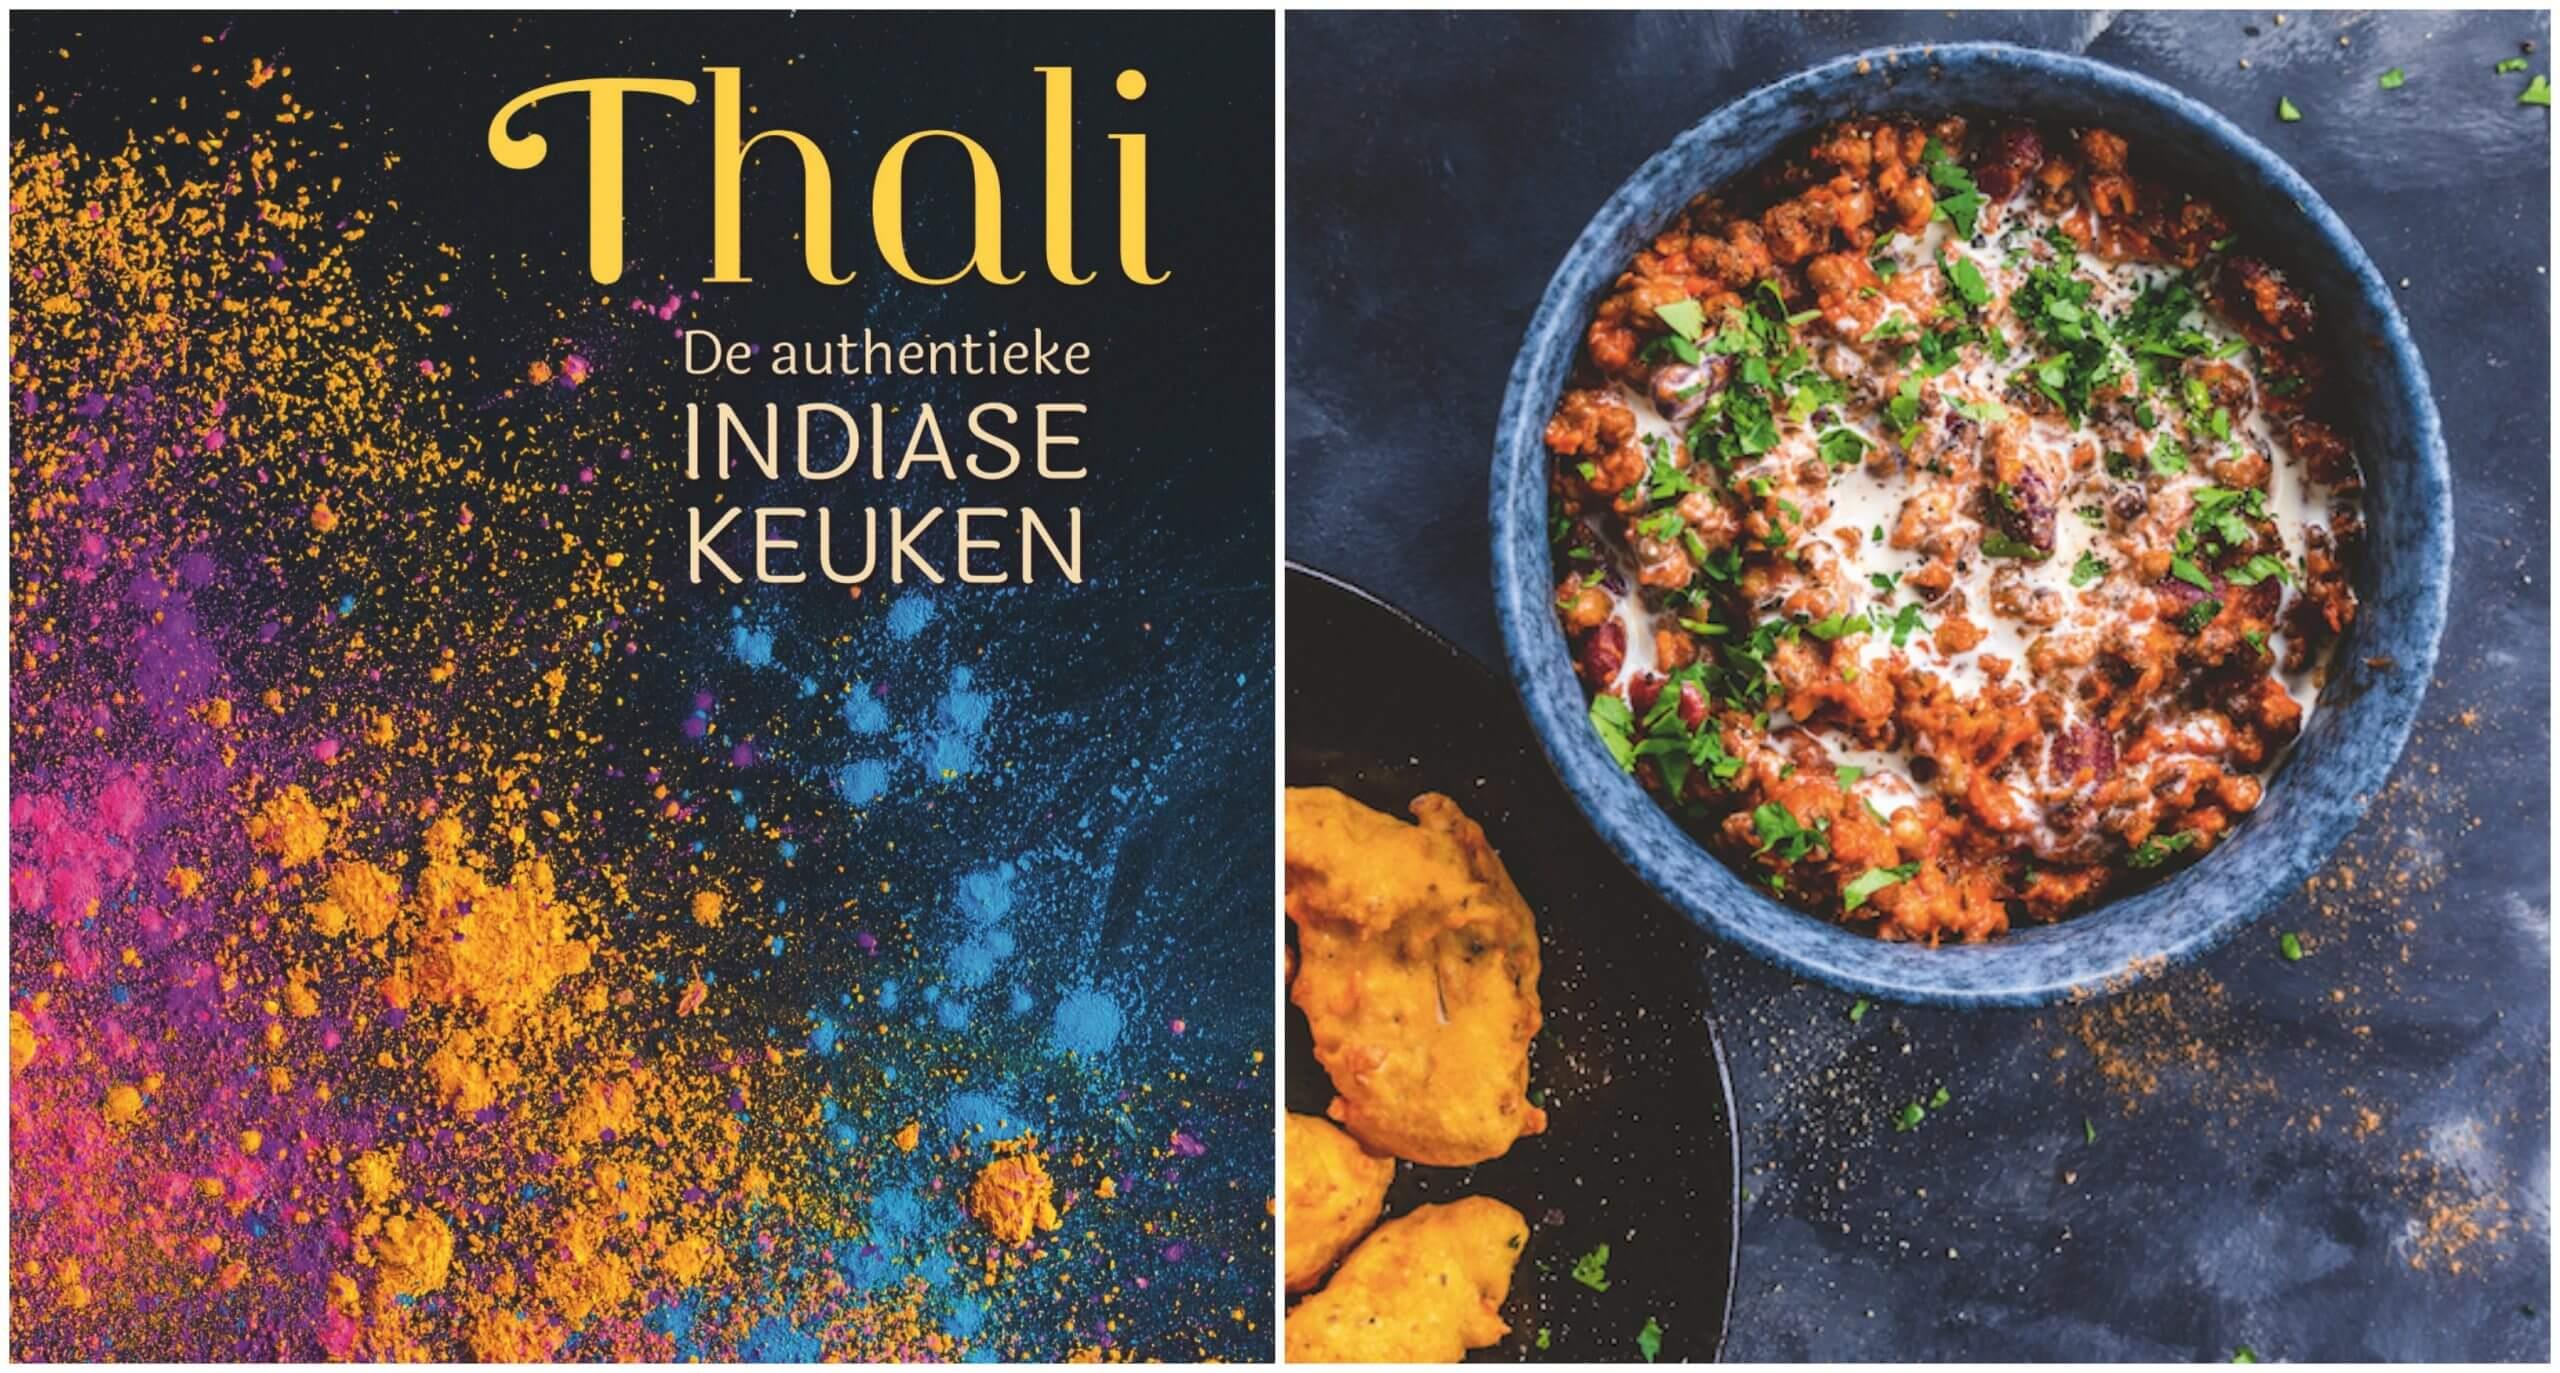 Kookboek review: Thali van Tanja Dusy